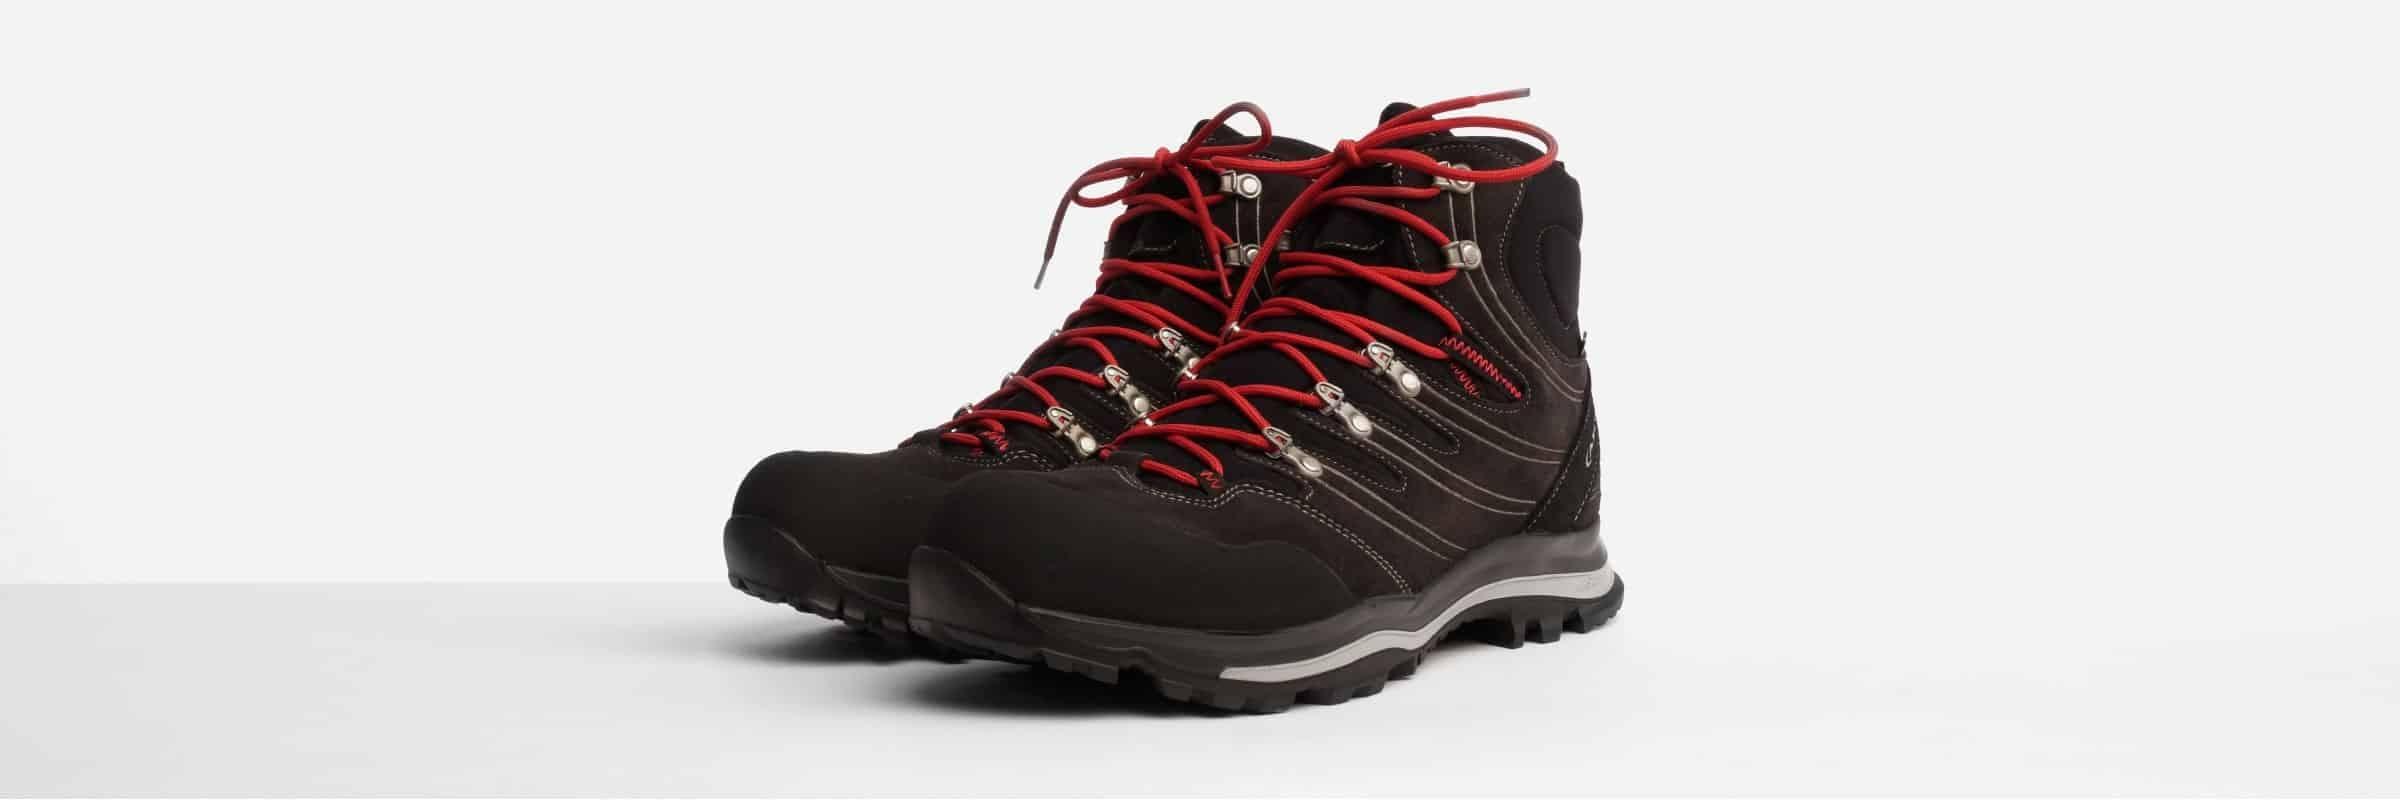 AKU Men's Alterra GTX Hiking Boots Reviewed